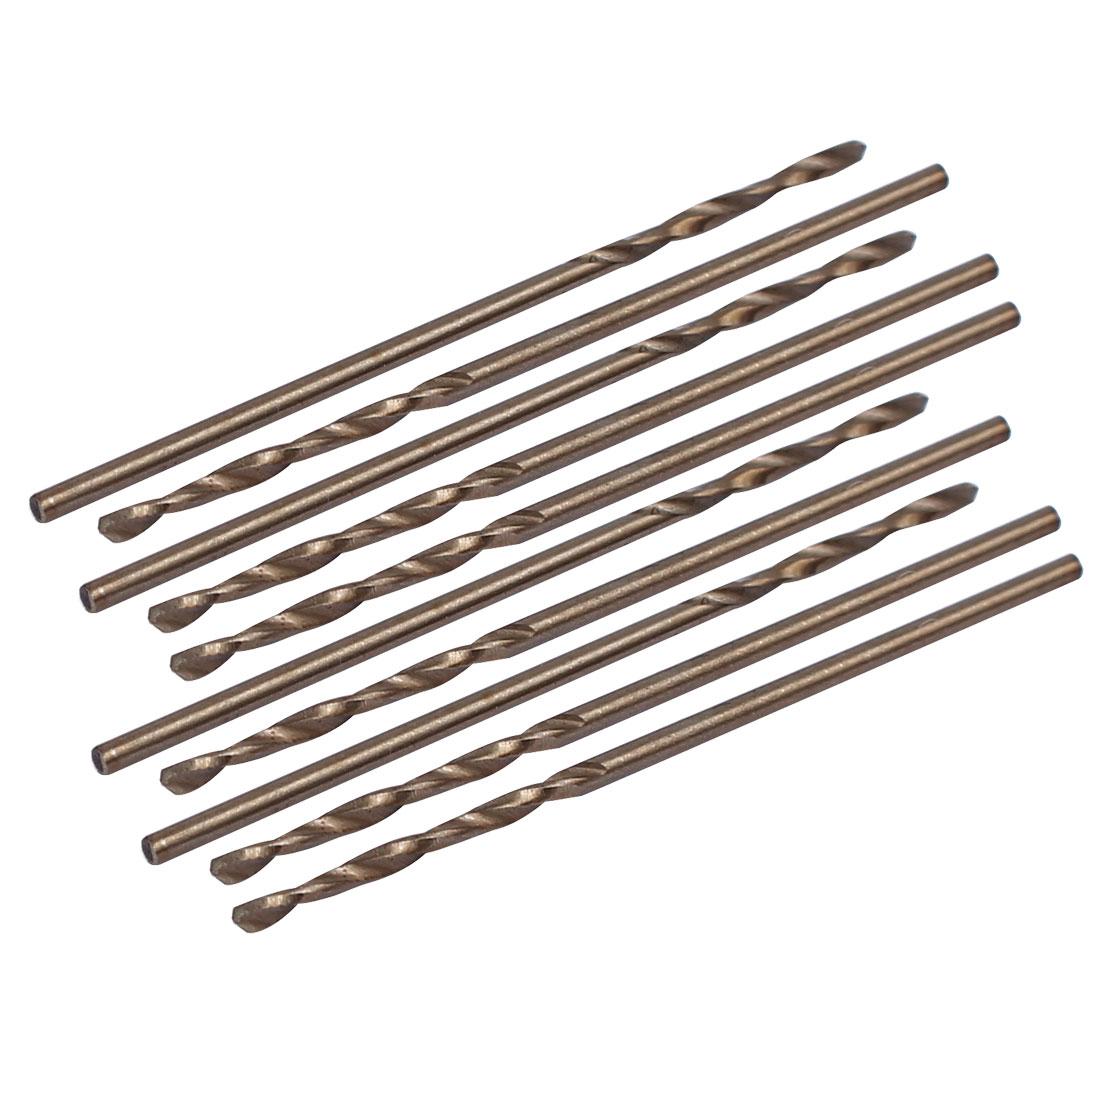 1.1mm Dia Split Point HSS Cobalt Metric Twist Drill Bit Drilling Tool 10pcs